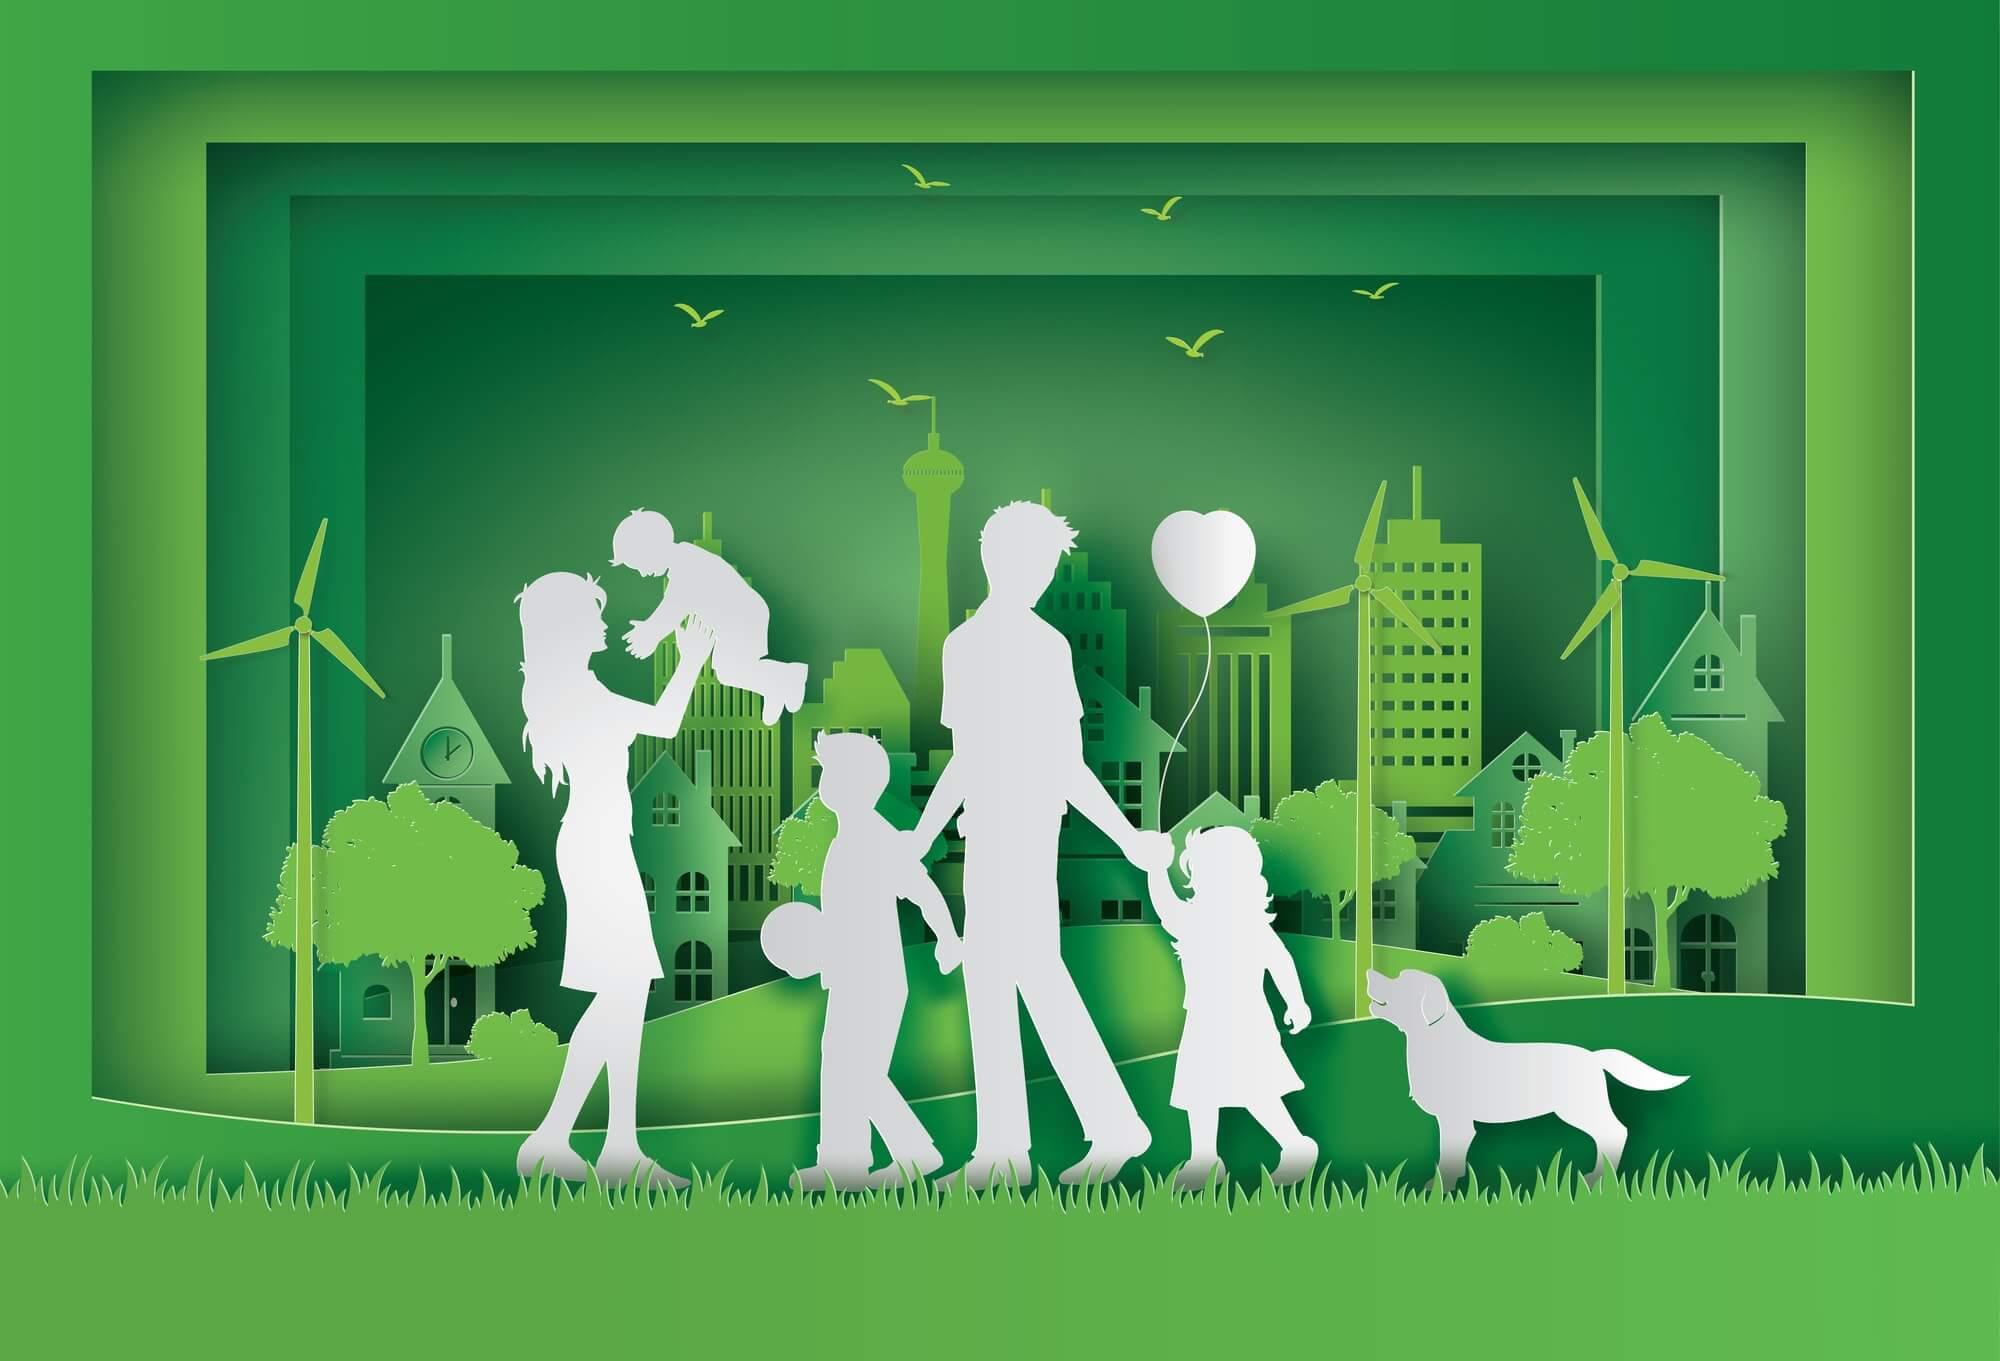 印刷会社の地球環境のための取り組み~リサイクル対応型印刷物のお話〜